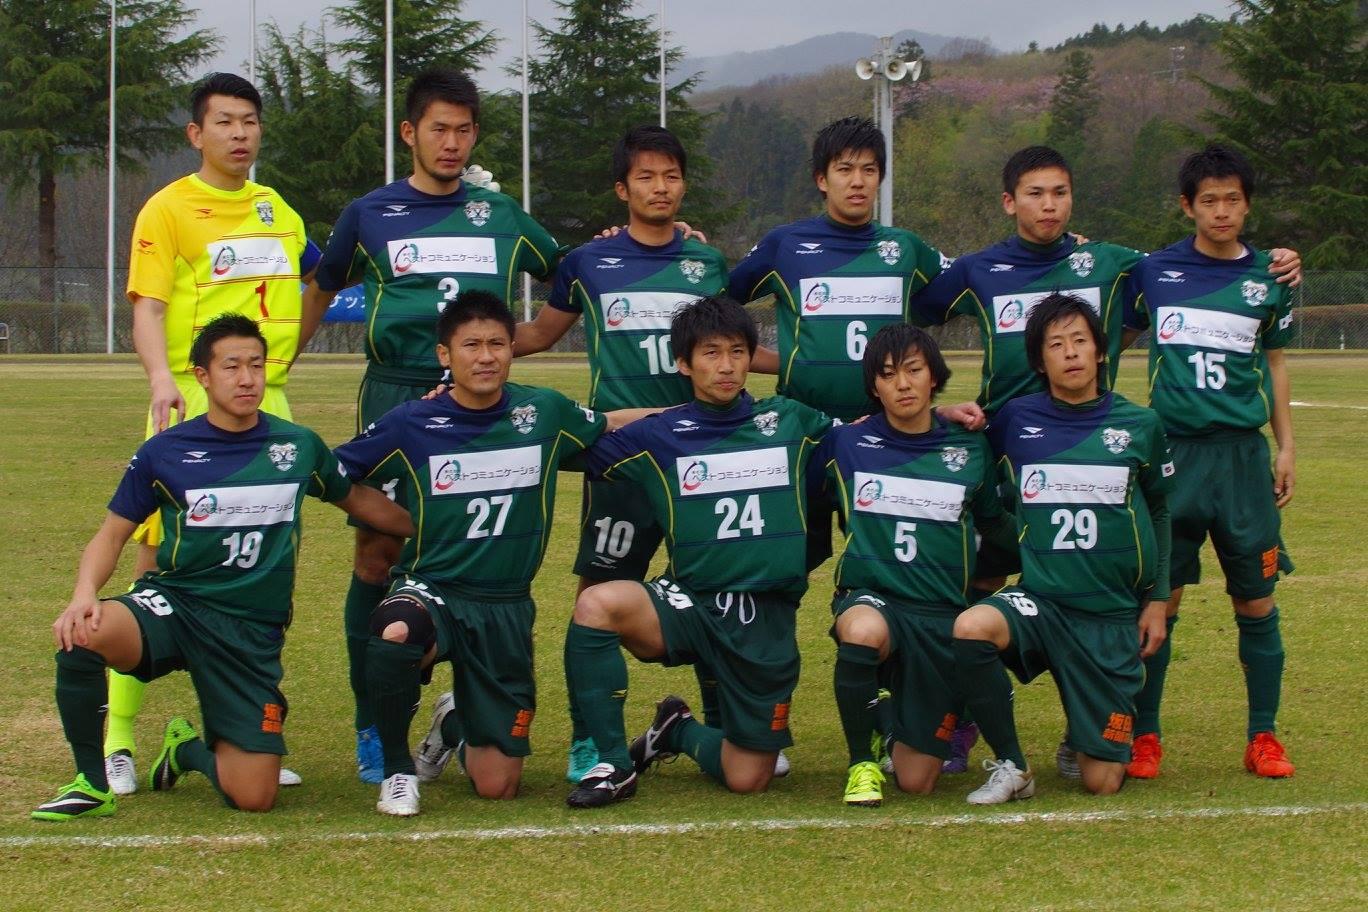 2016関東サッカーリーグ1部前期3節vs横浜猛蹴